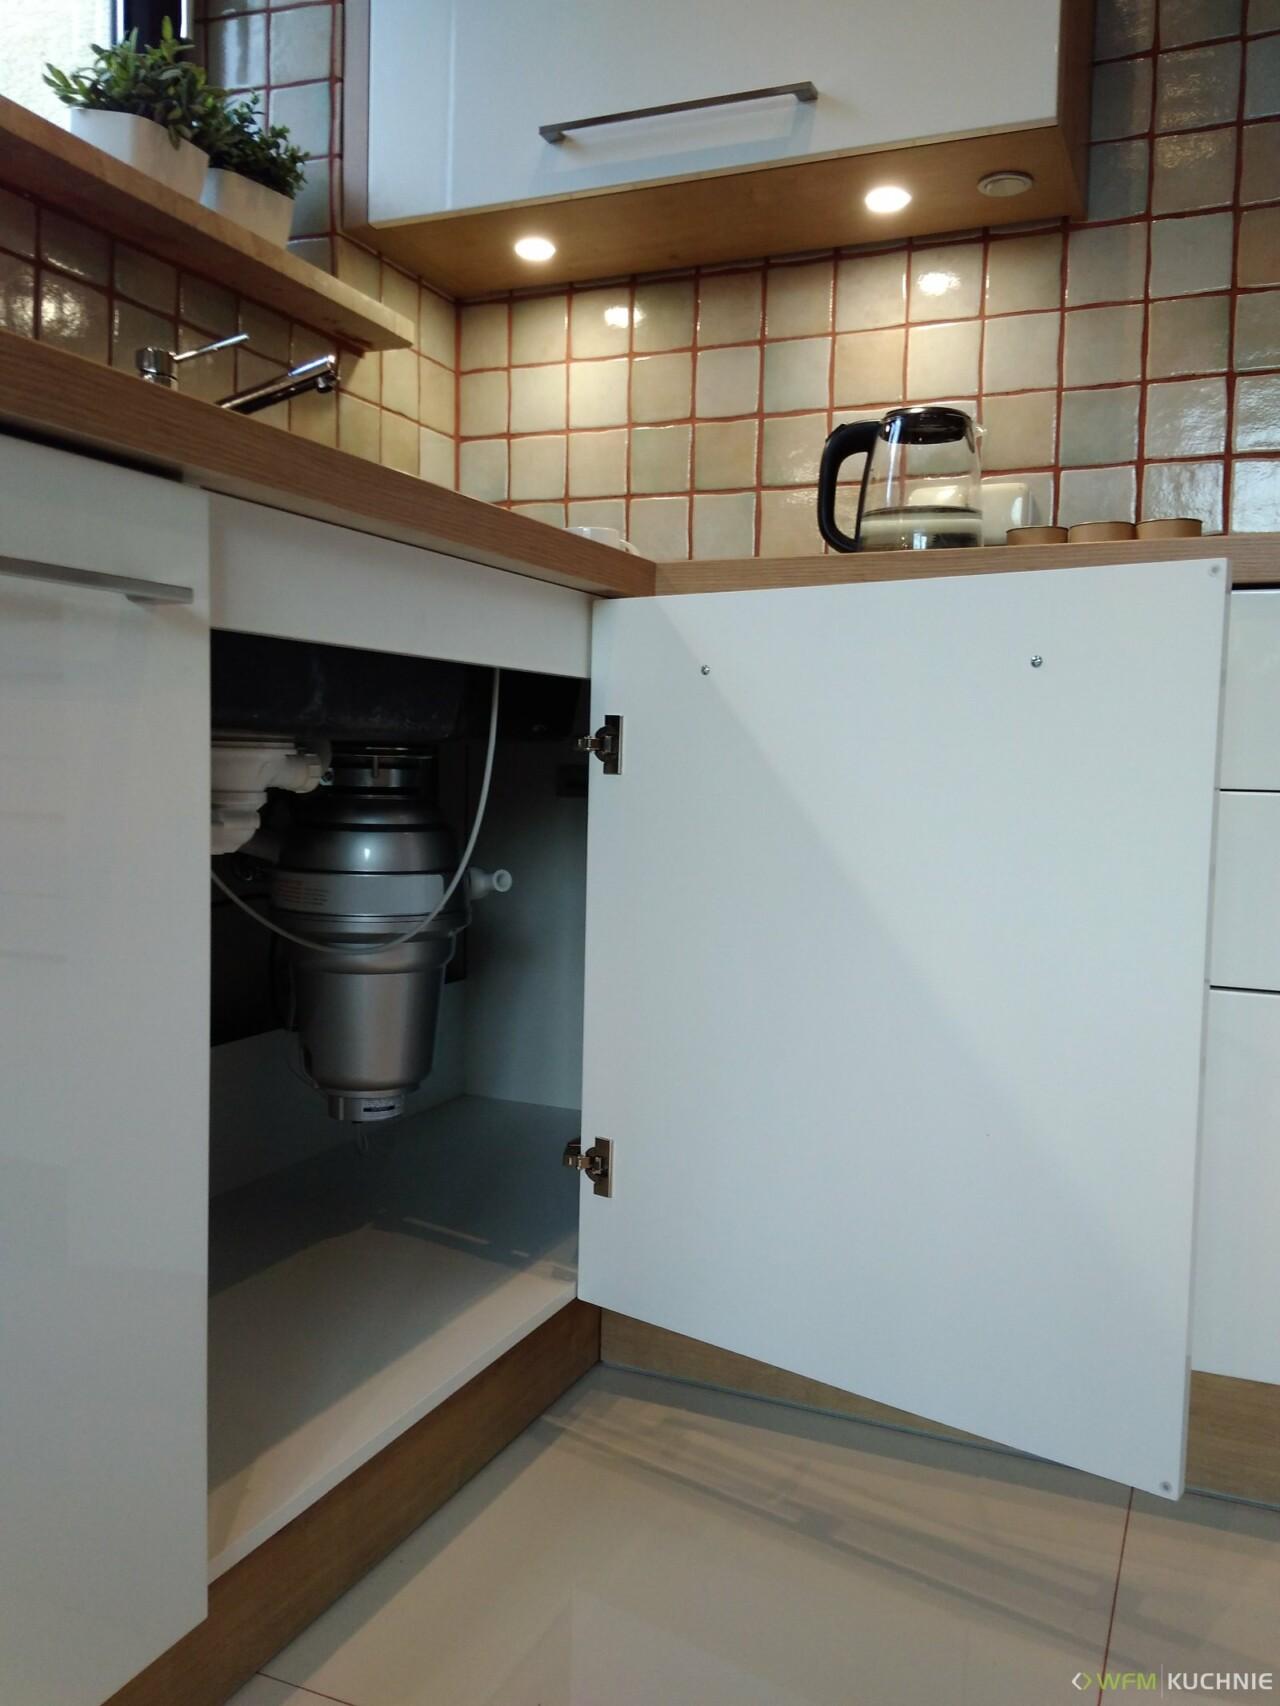 Kuchnia WFM CALMA biały połysk P101 - Meble kuchenne, kuchnie na wymiar Kraków - WFM KUCHNIE Kraków